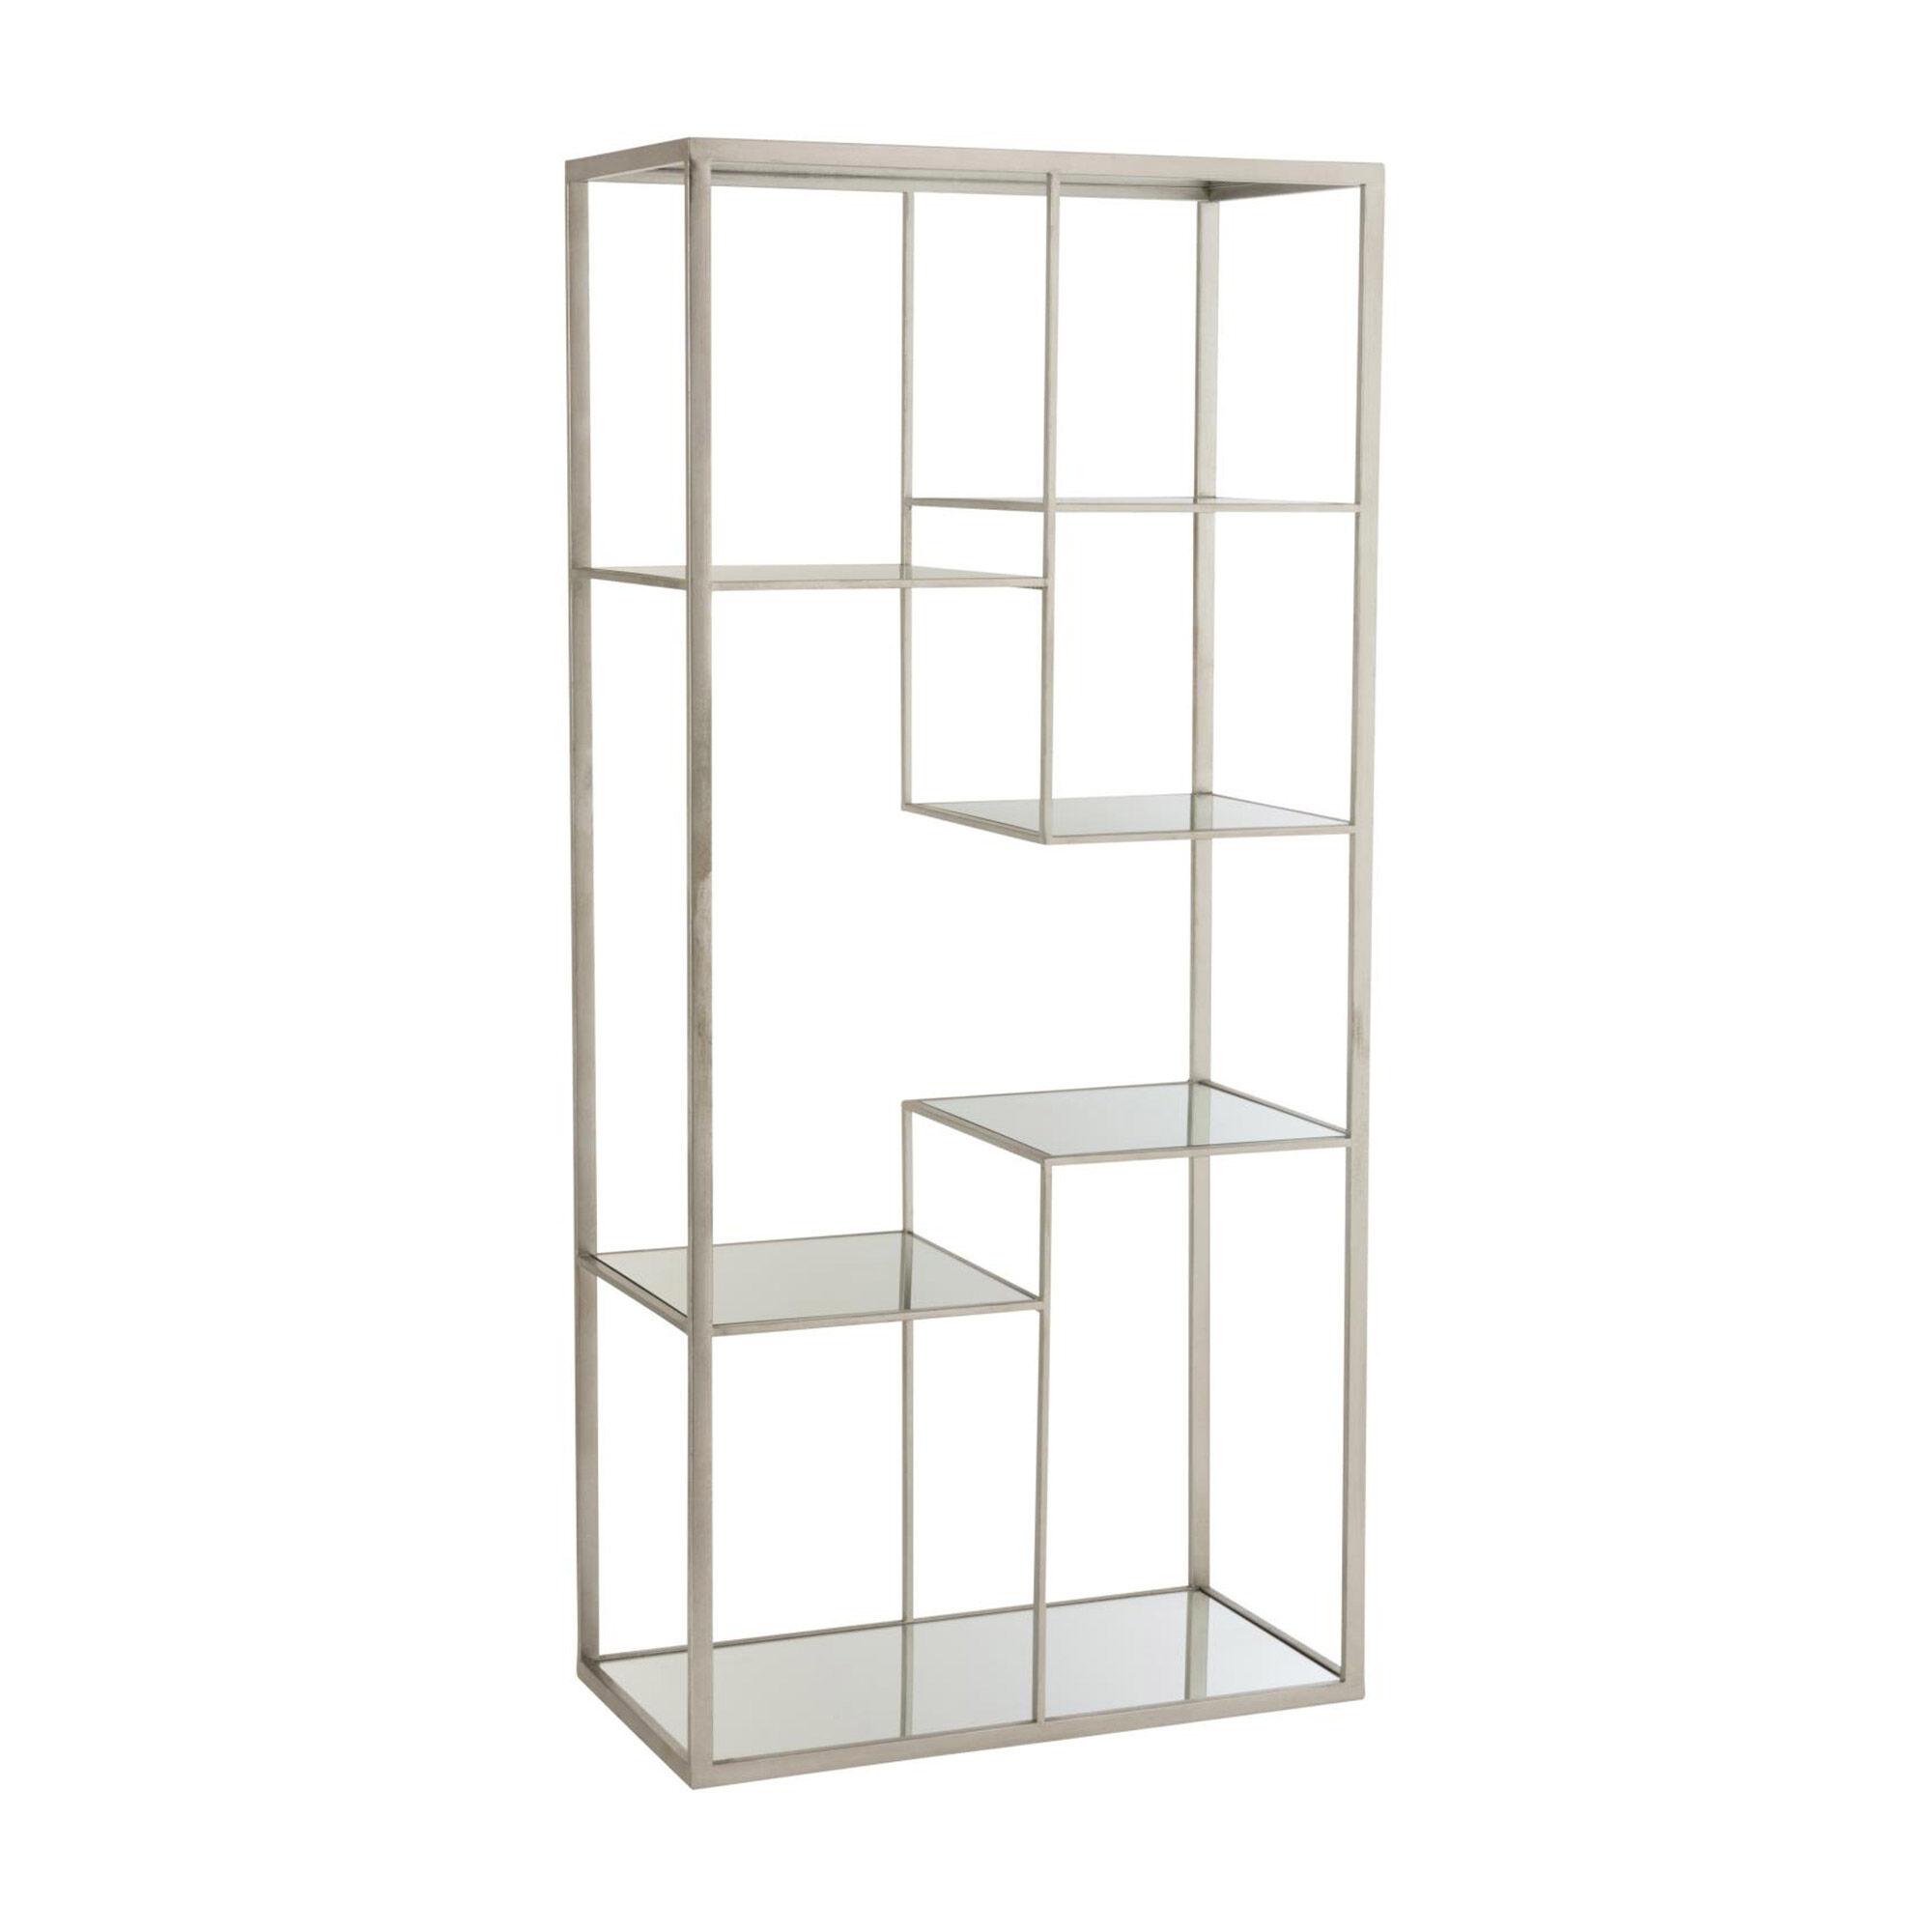 Etagère design 82x42,5x177 cm en verre et métal argenté